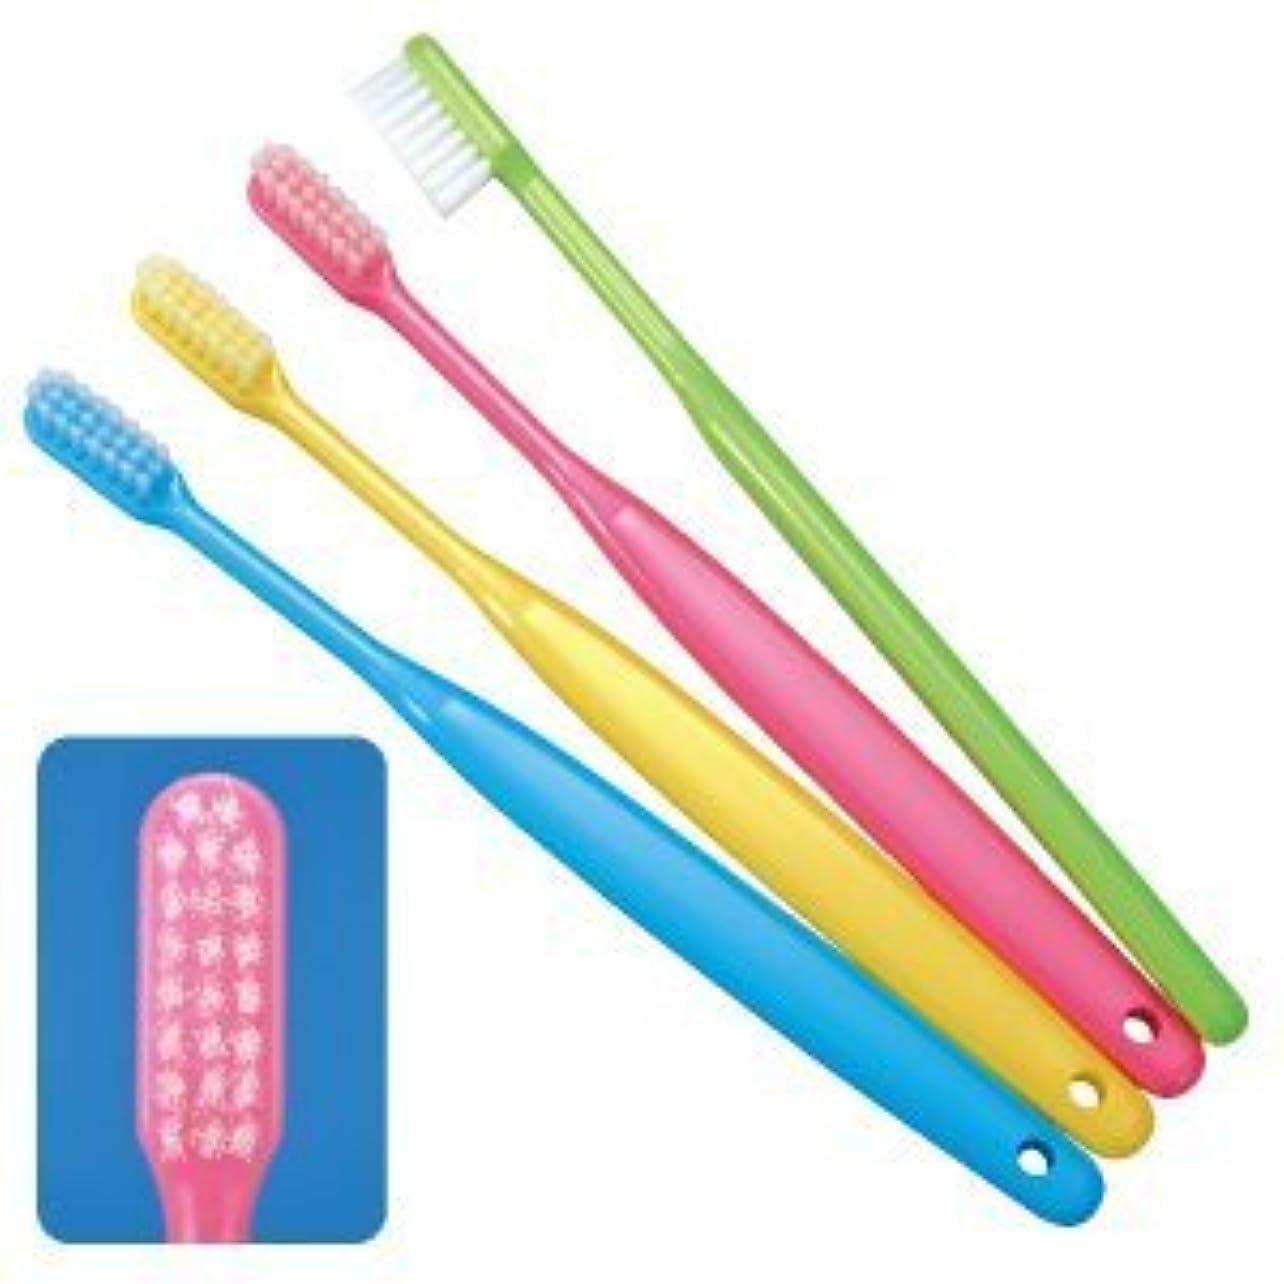 カレッジギャラリー人生を作るCi バリュー歯ブラシ Sやわらかめ ピンク 50本入り